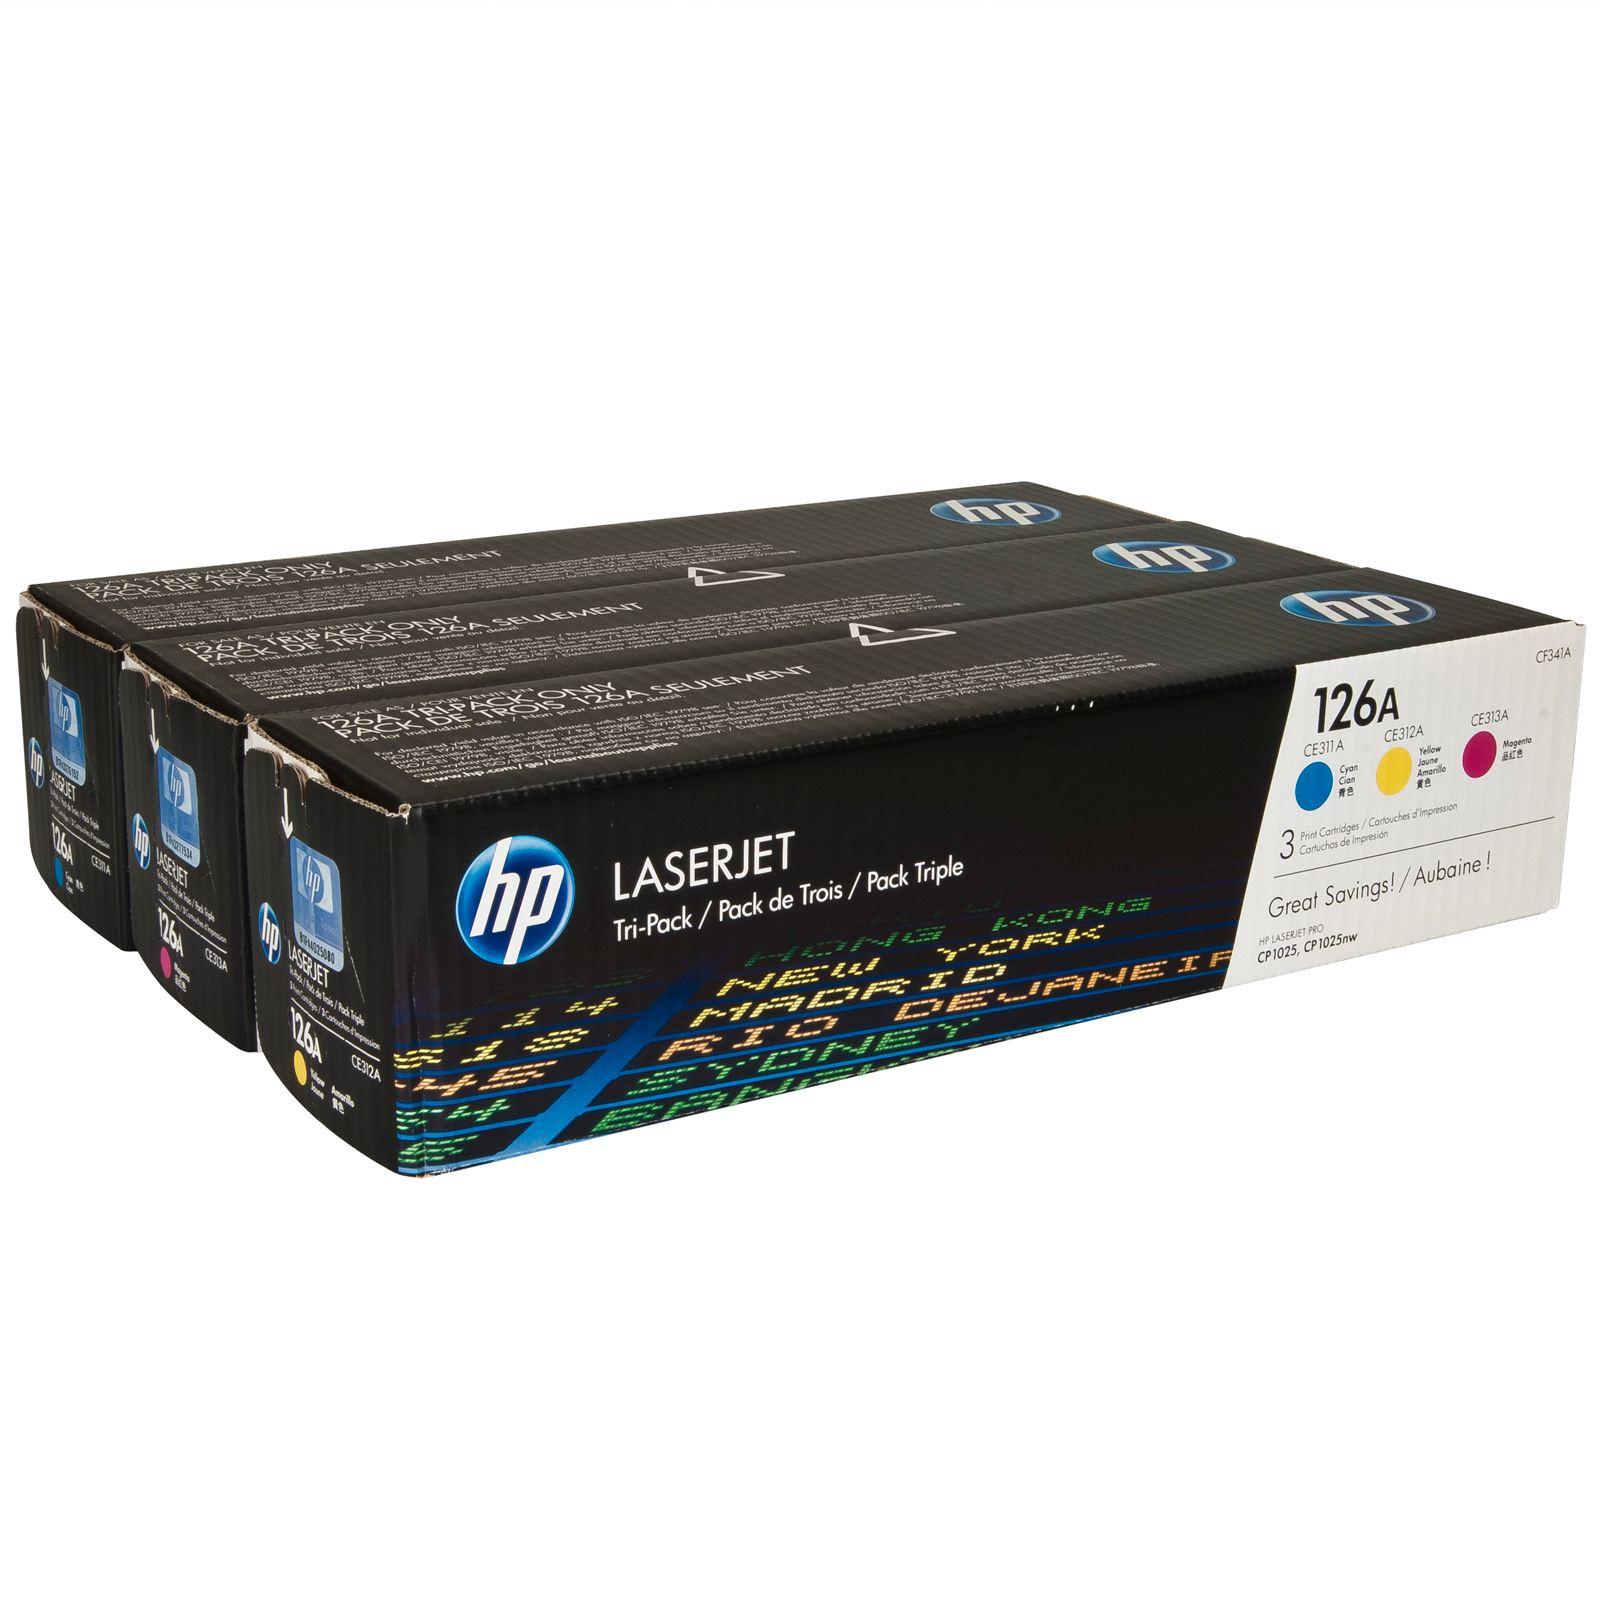 Картридж HP CLJ CP1025/M175 (CE311A,CE312A,CE313A) 126A CYM Tri-Pack (CF341A) изображение 2